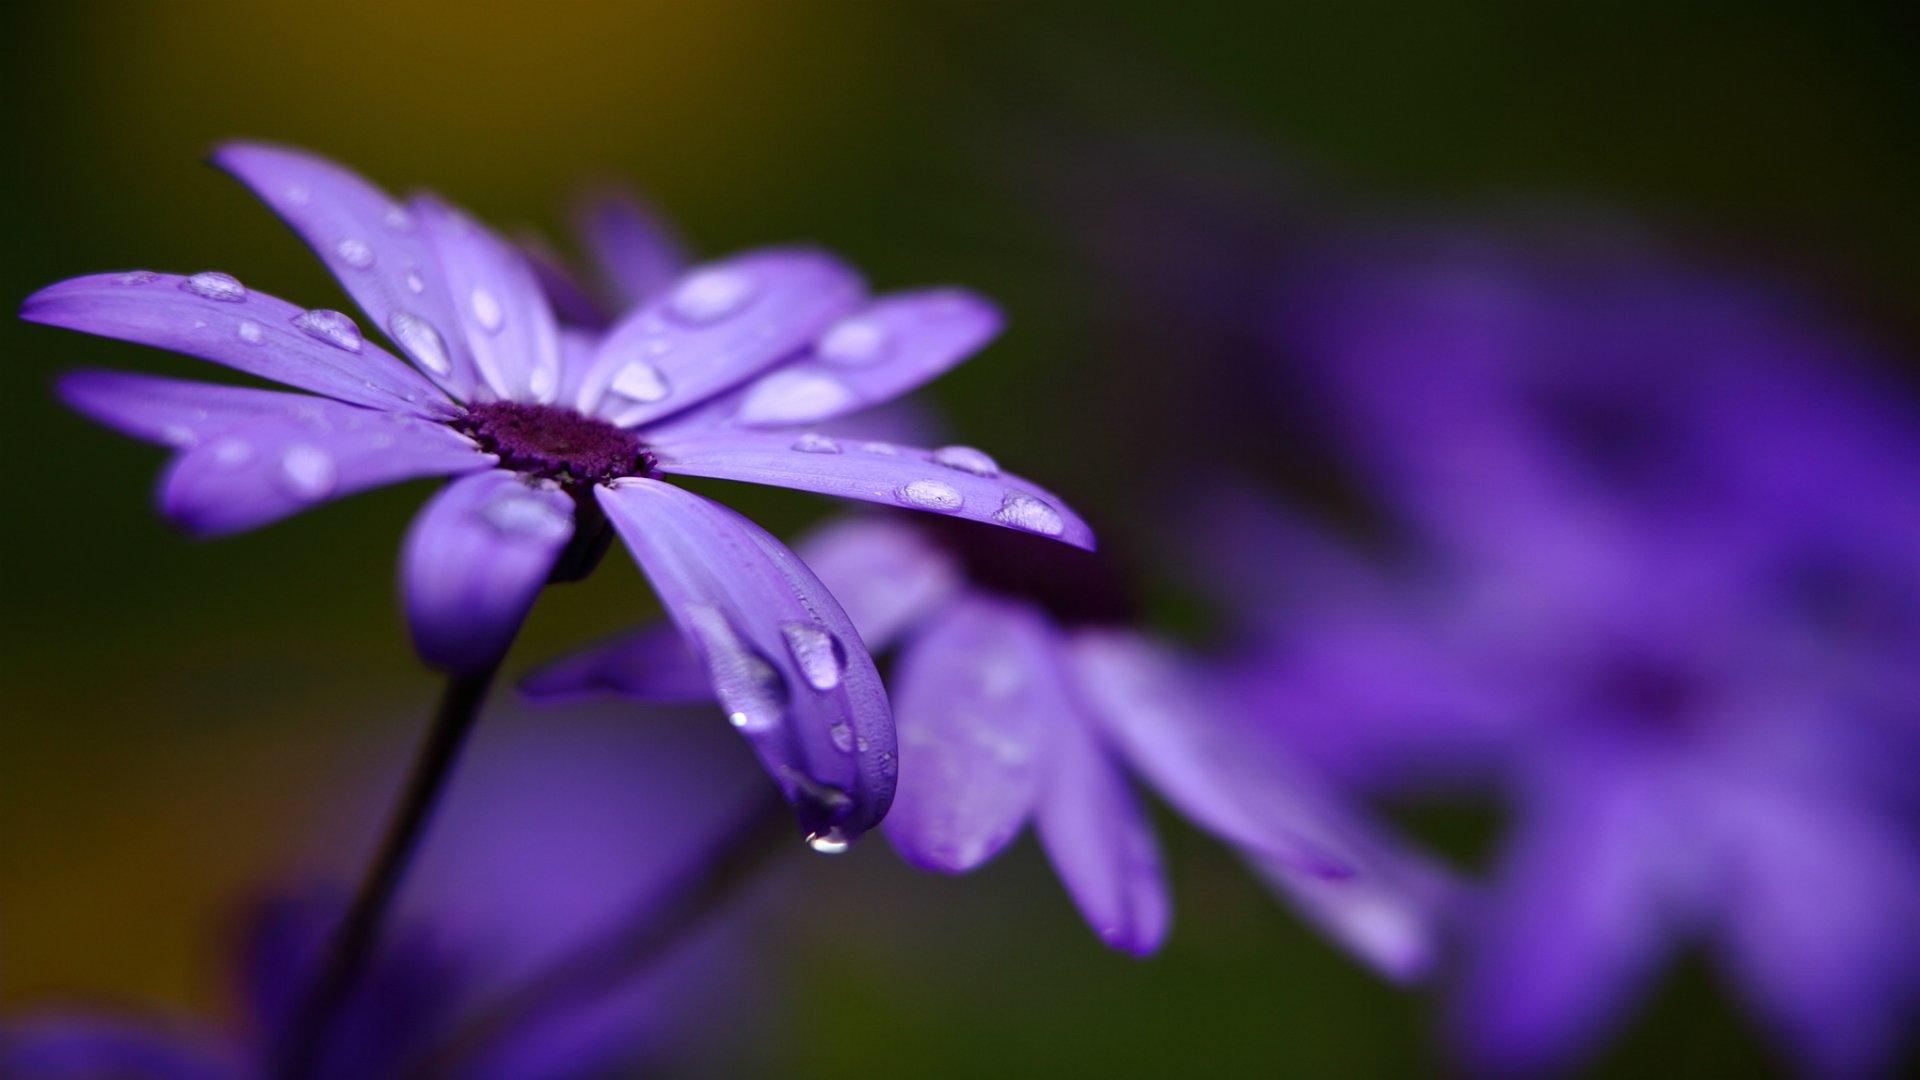 цветок фиолетовый  № 814291 загрузить